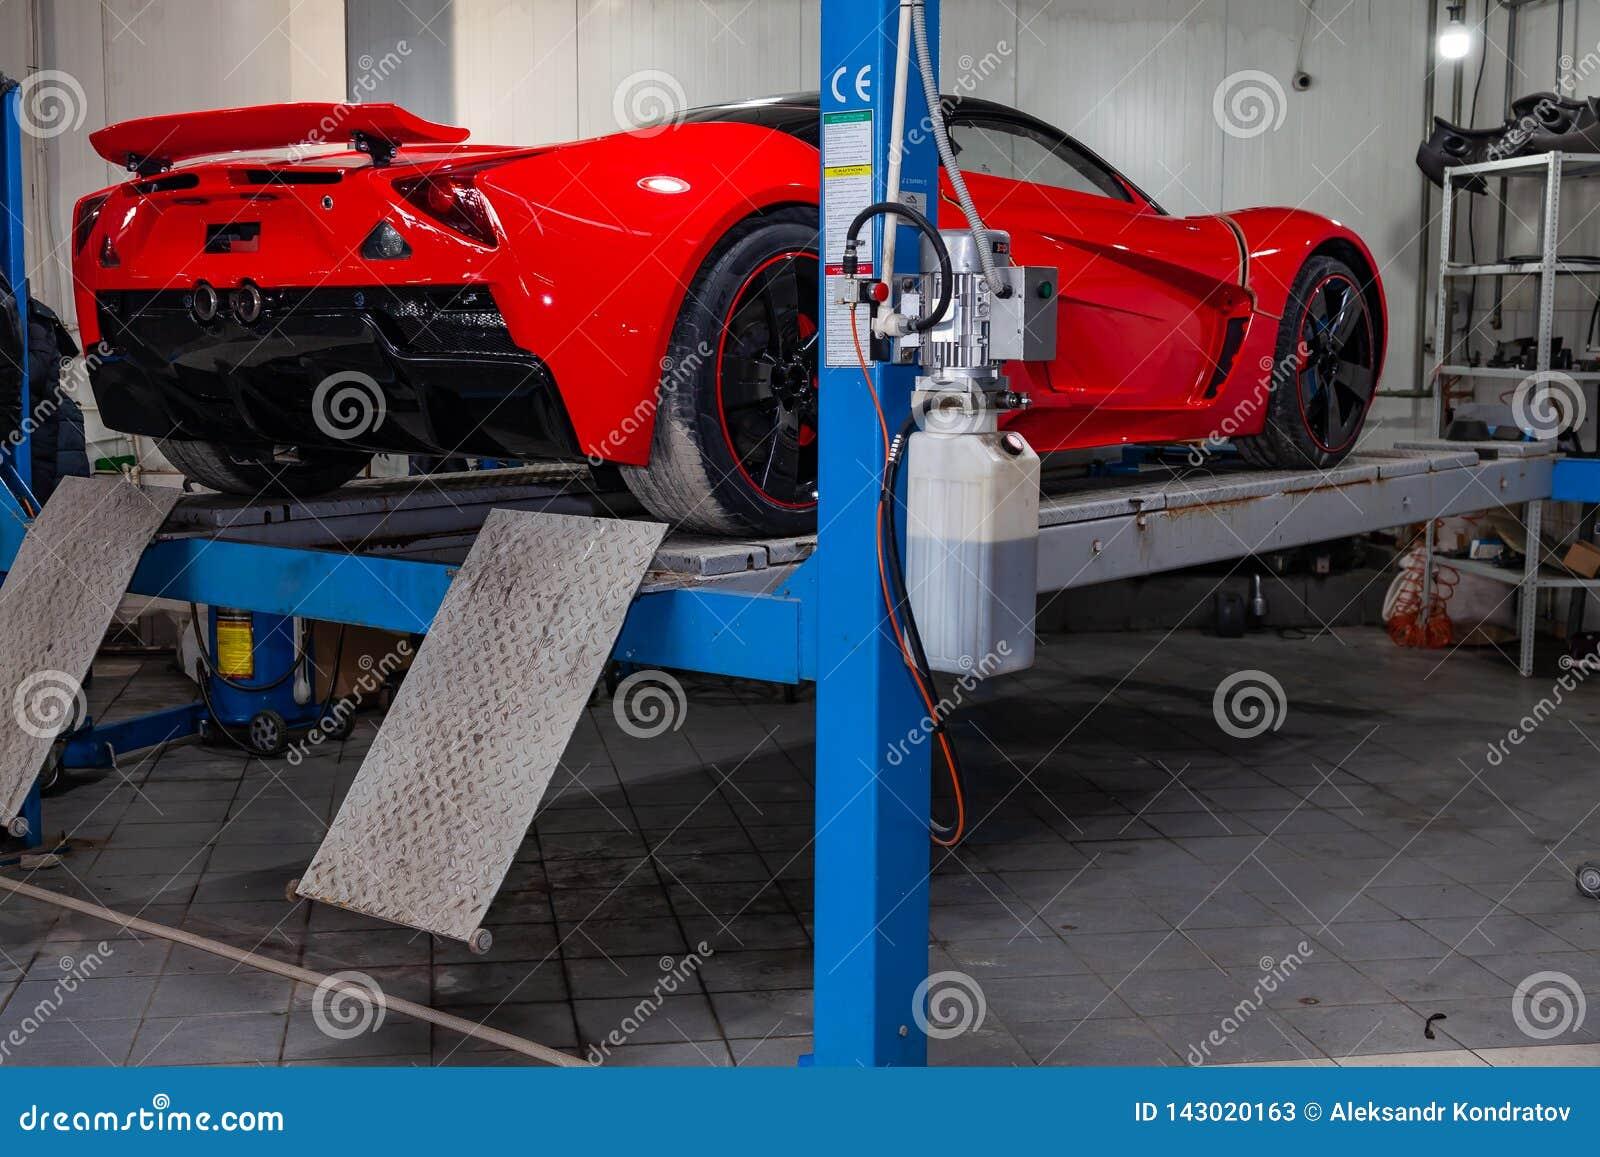 El coche de deportes rojo aumentó en una elevación en un taller de reparaciones, un parachoques trasero y un alerón del coche